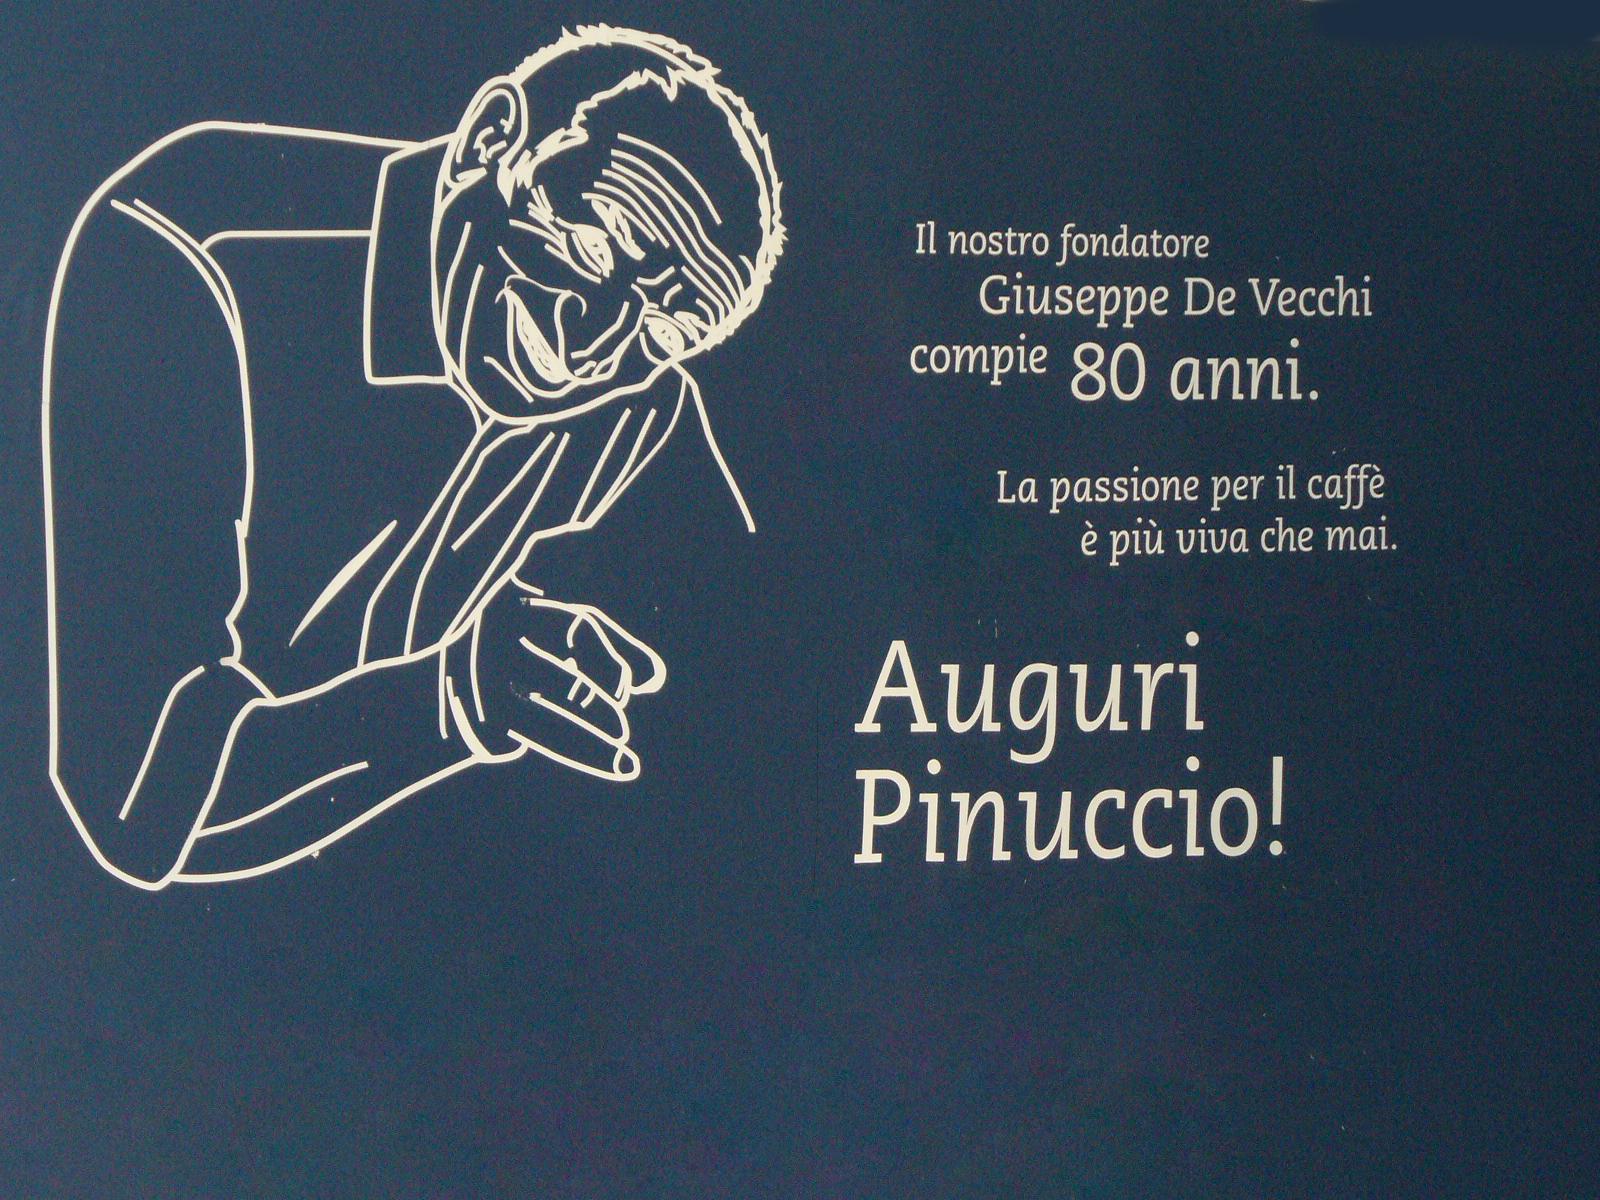 Giuseppe De Vecchi